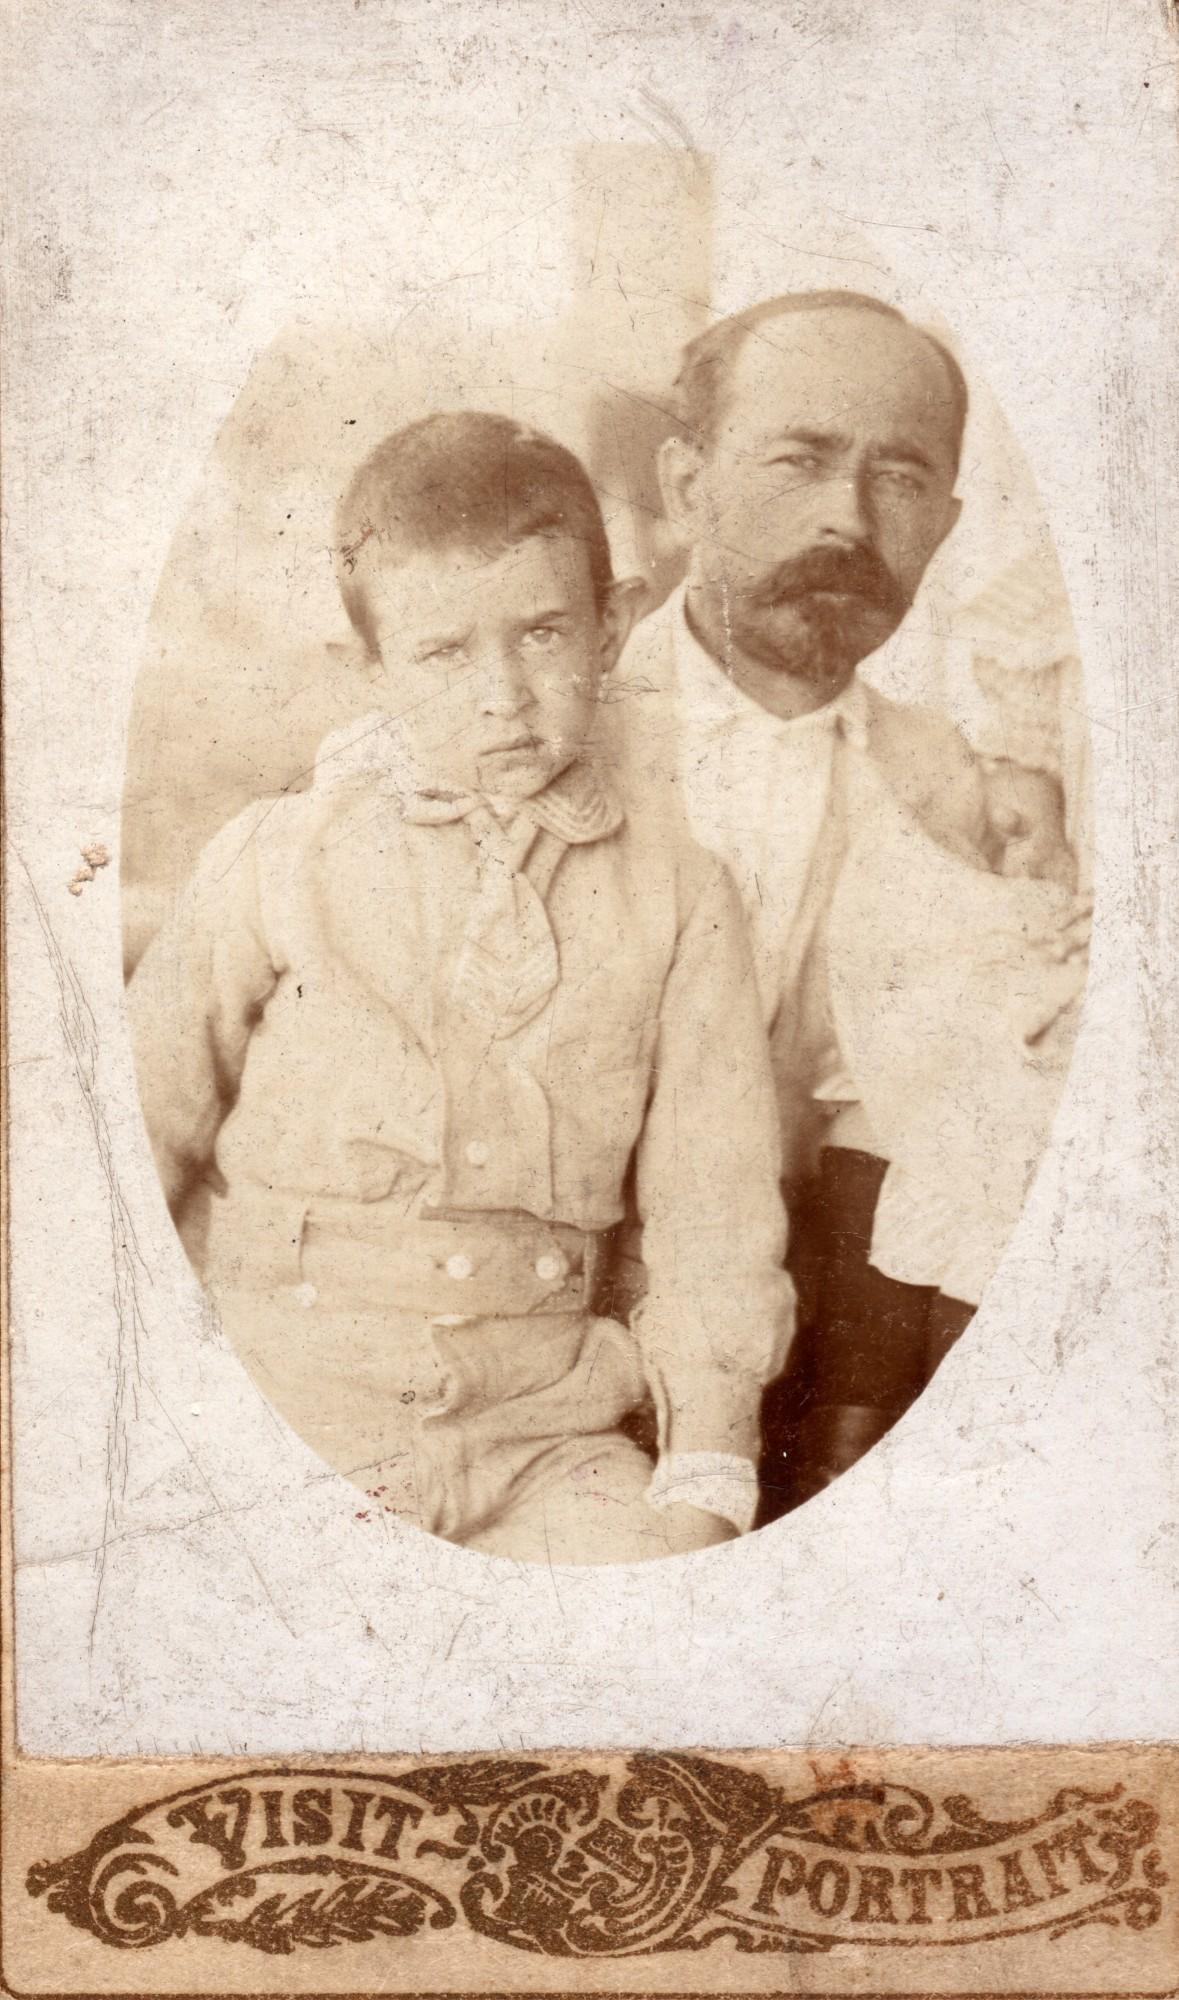 Лев Львович Пушкин с сыном Сергеем. Фото 1906 г.